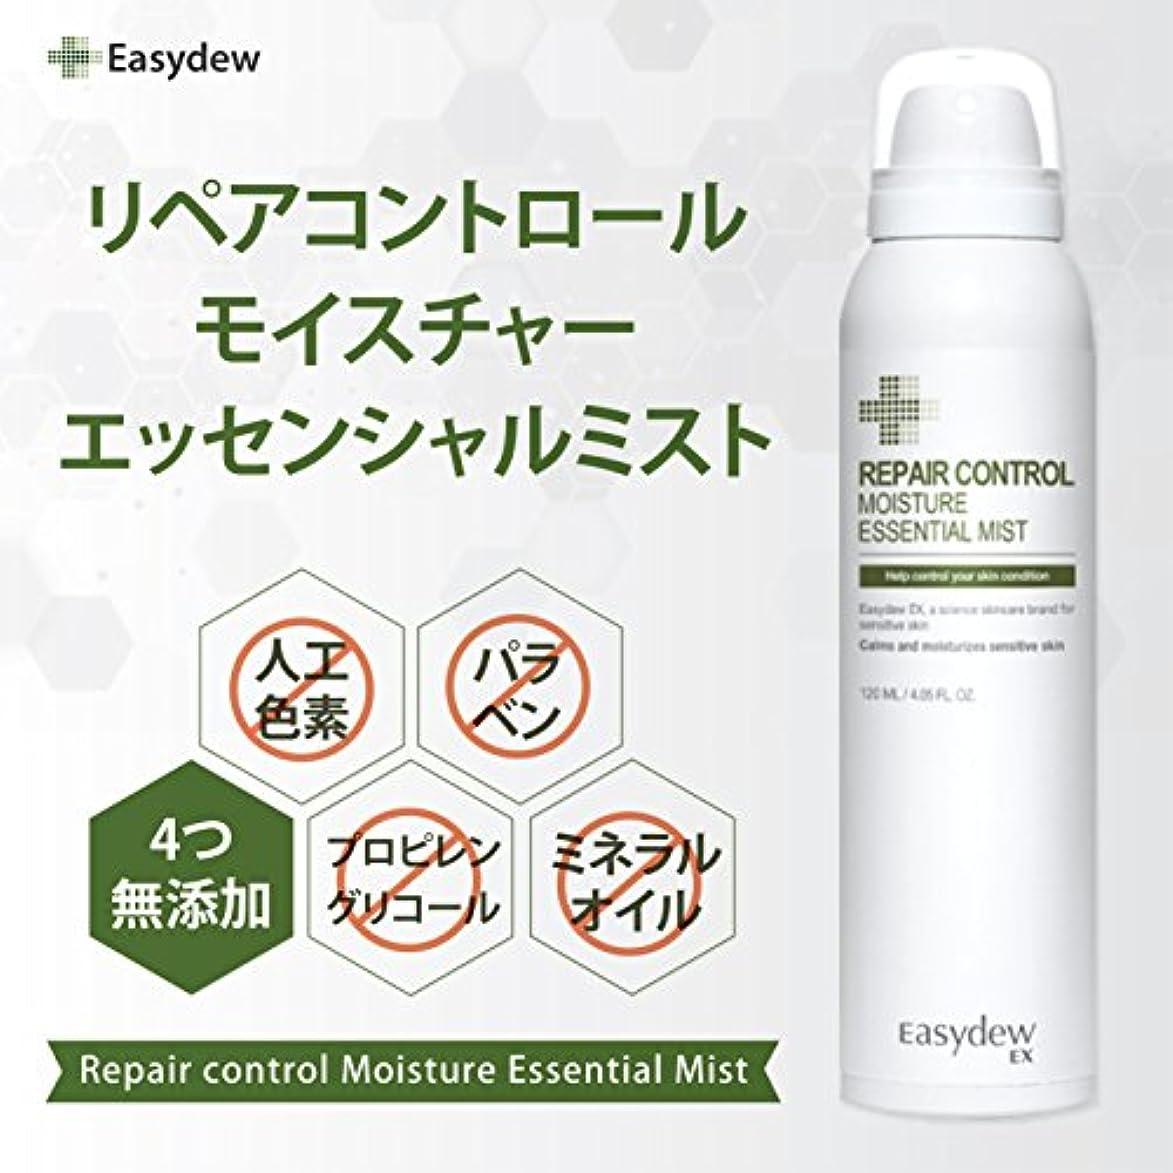 請求可能円形大宇宙EASYDEW EX リペア コントロール モイスチャー エッセンシャル ミスト Repair Control Moisture Essential Mist 120ml